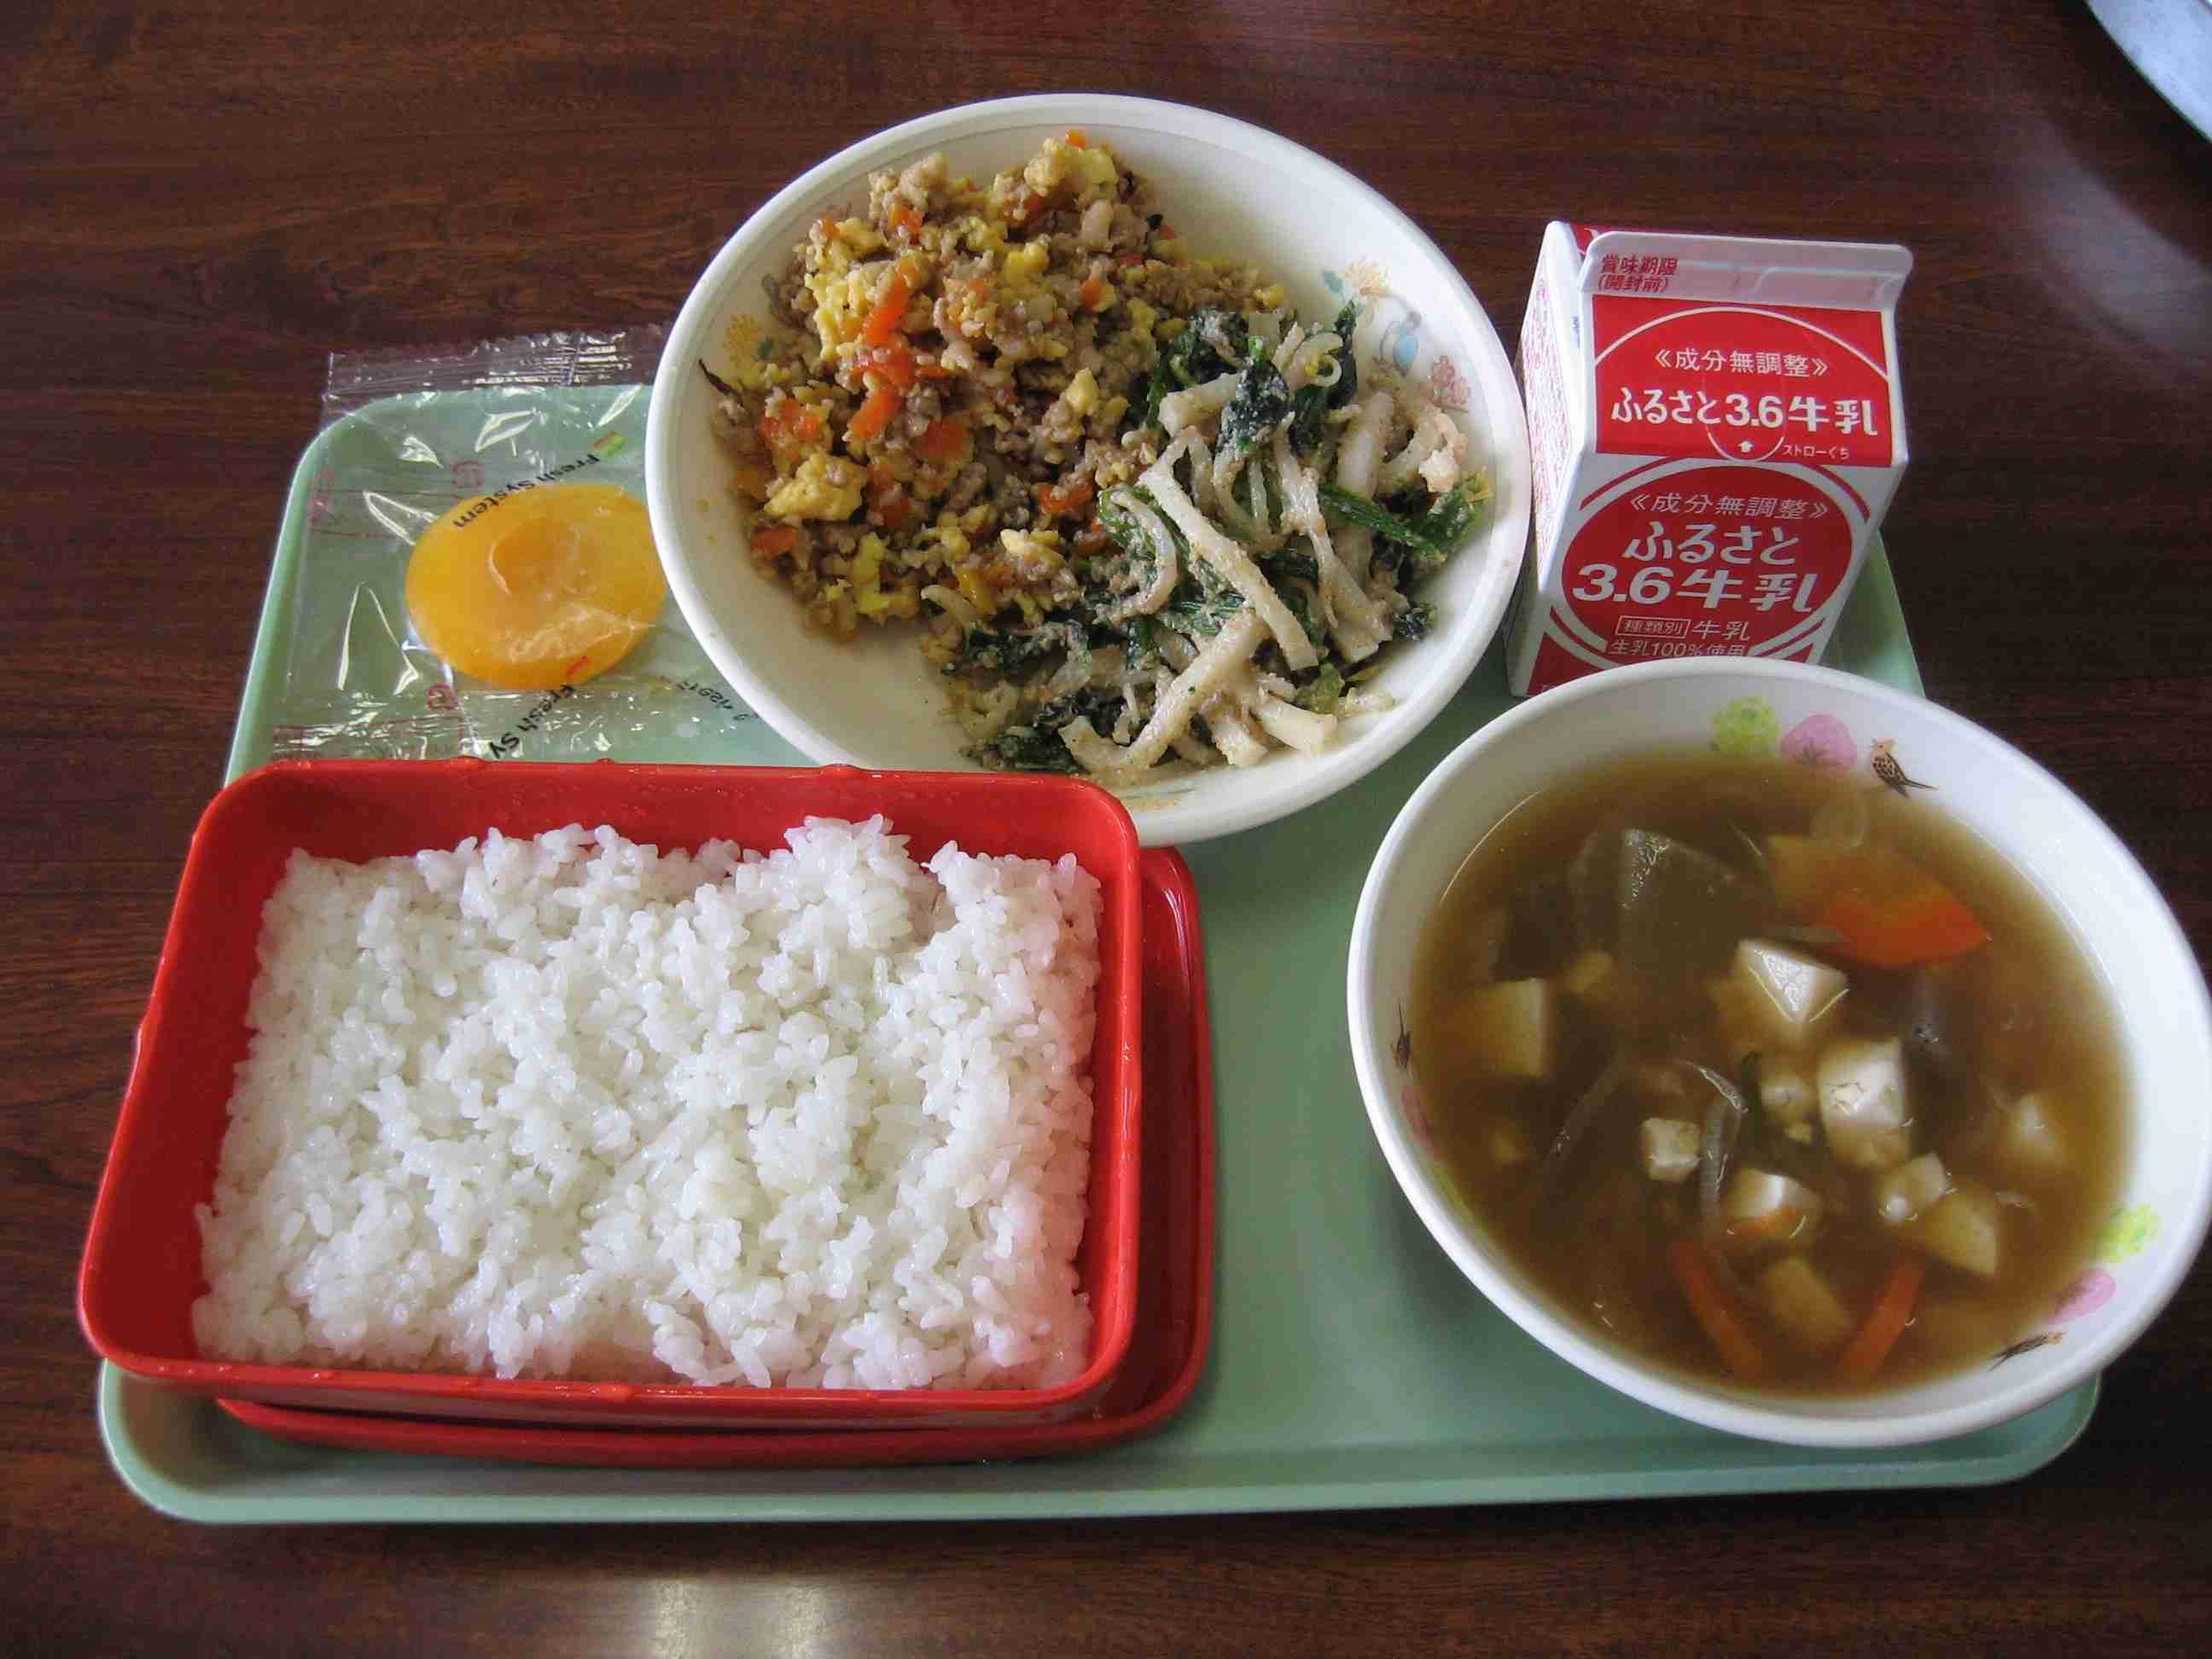 給食のご飯、どんな容器に入ってた?アルミパックは静岡だけ?背景を探ると、米飯給食の歴史が...